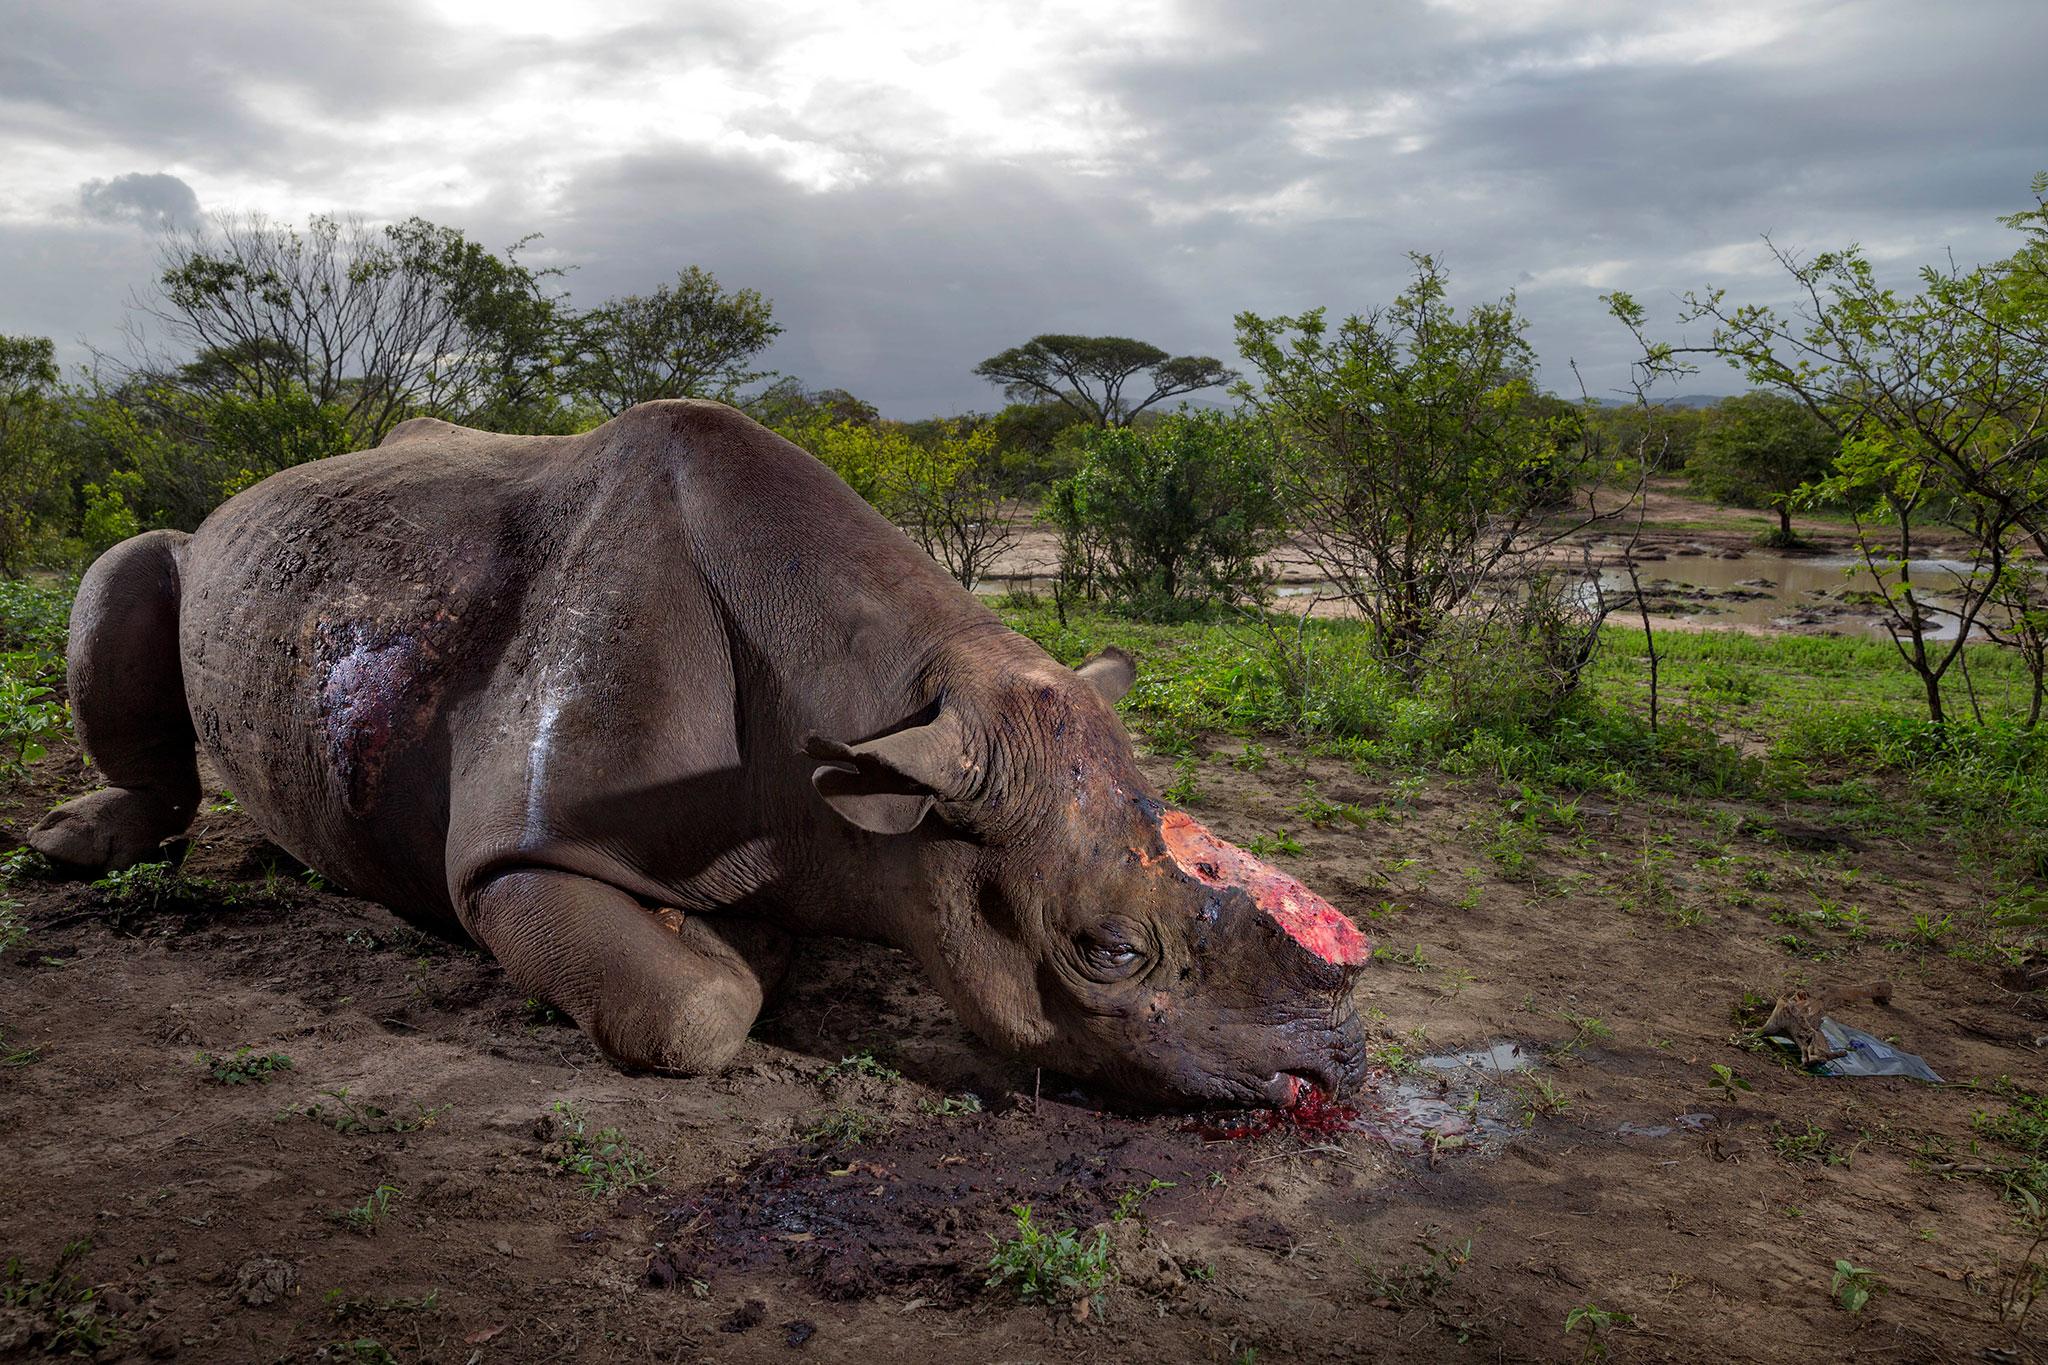 В 2017 году в Южной Африке браконьеры убили более 1000 носорогов / Фото: BRENT STIRTON